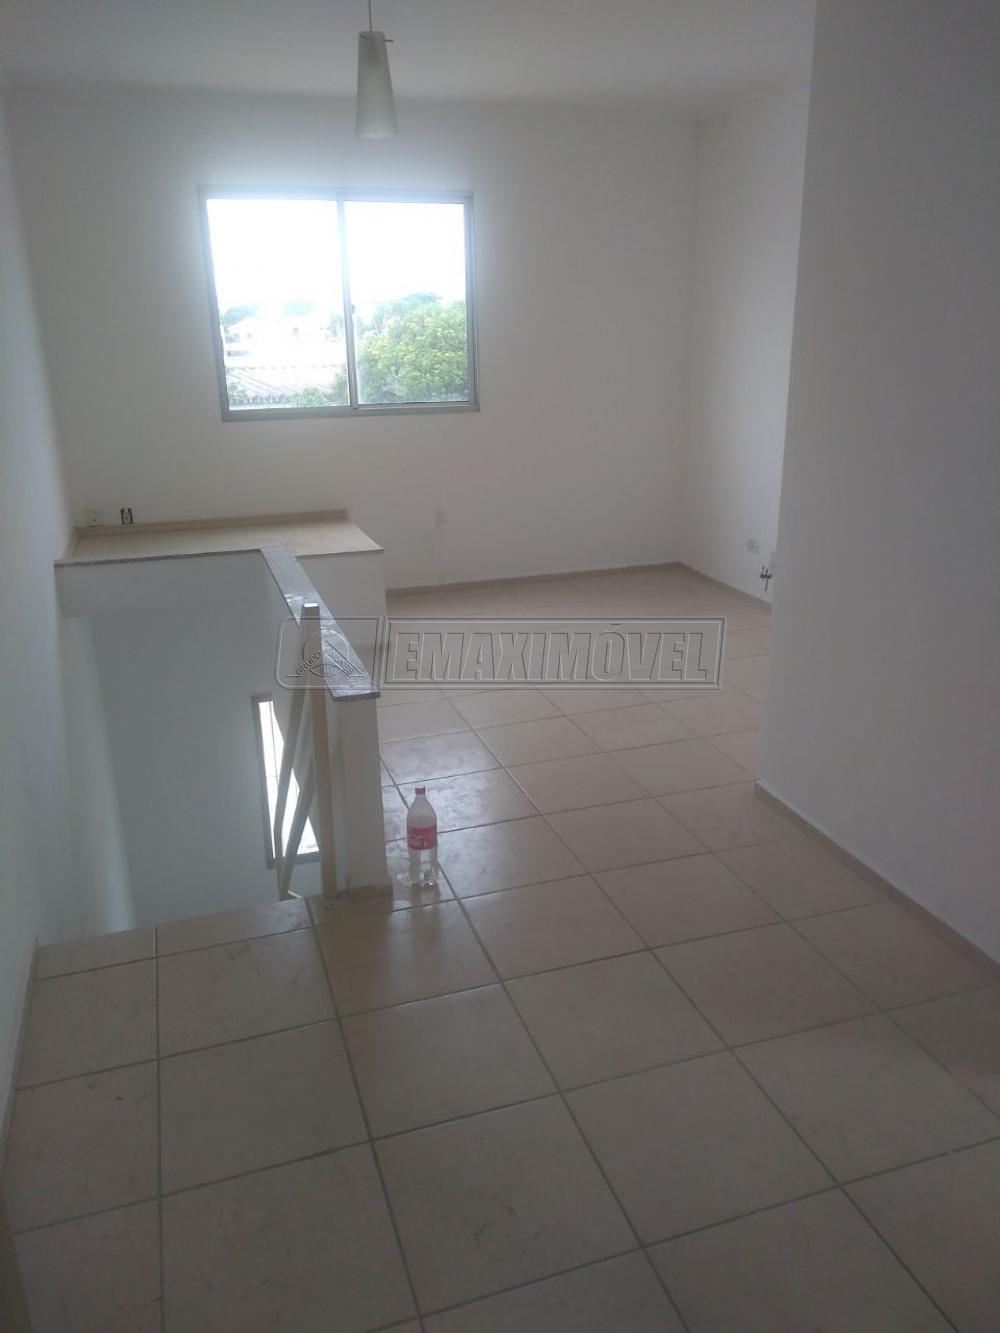 Alugar Apartamento / Padrão em Sorocaba R$ 680,00 - Foto 13